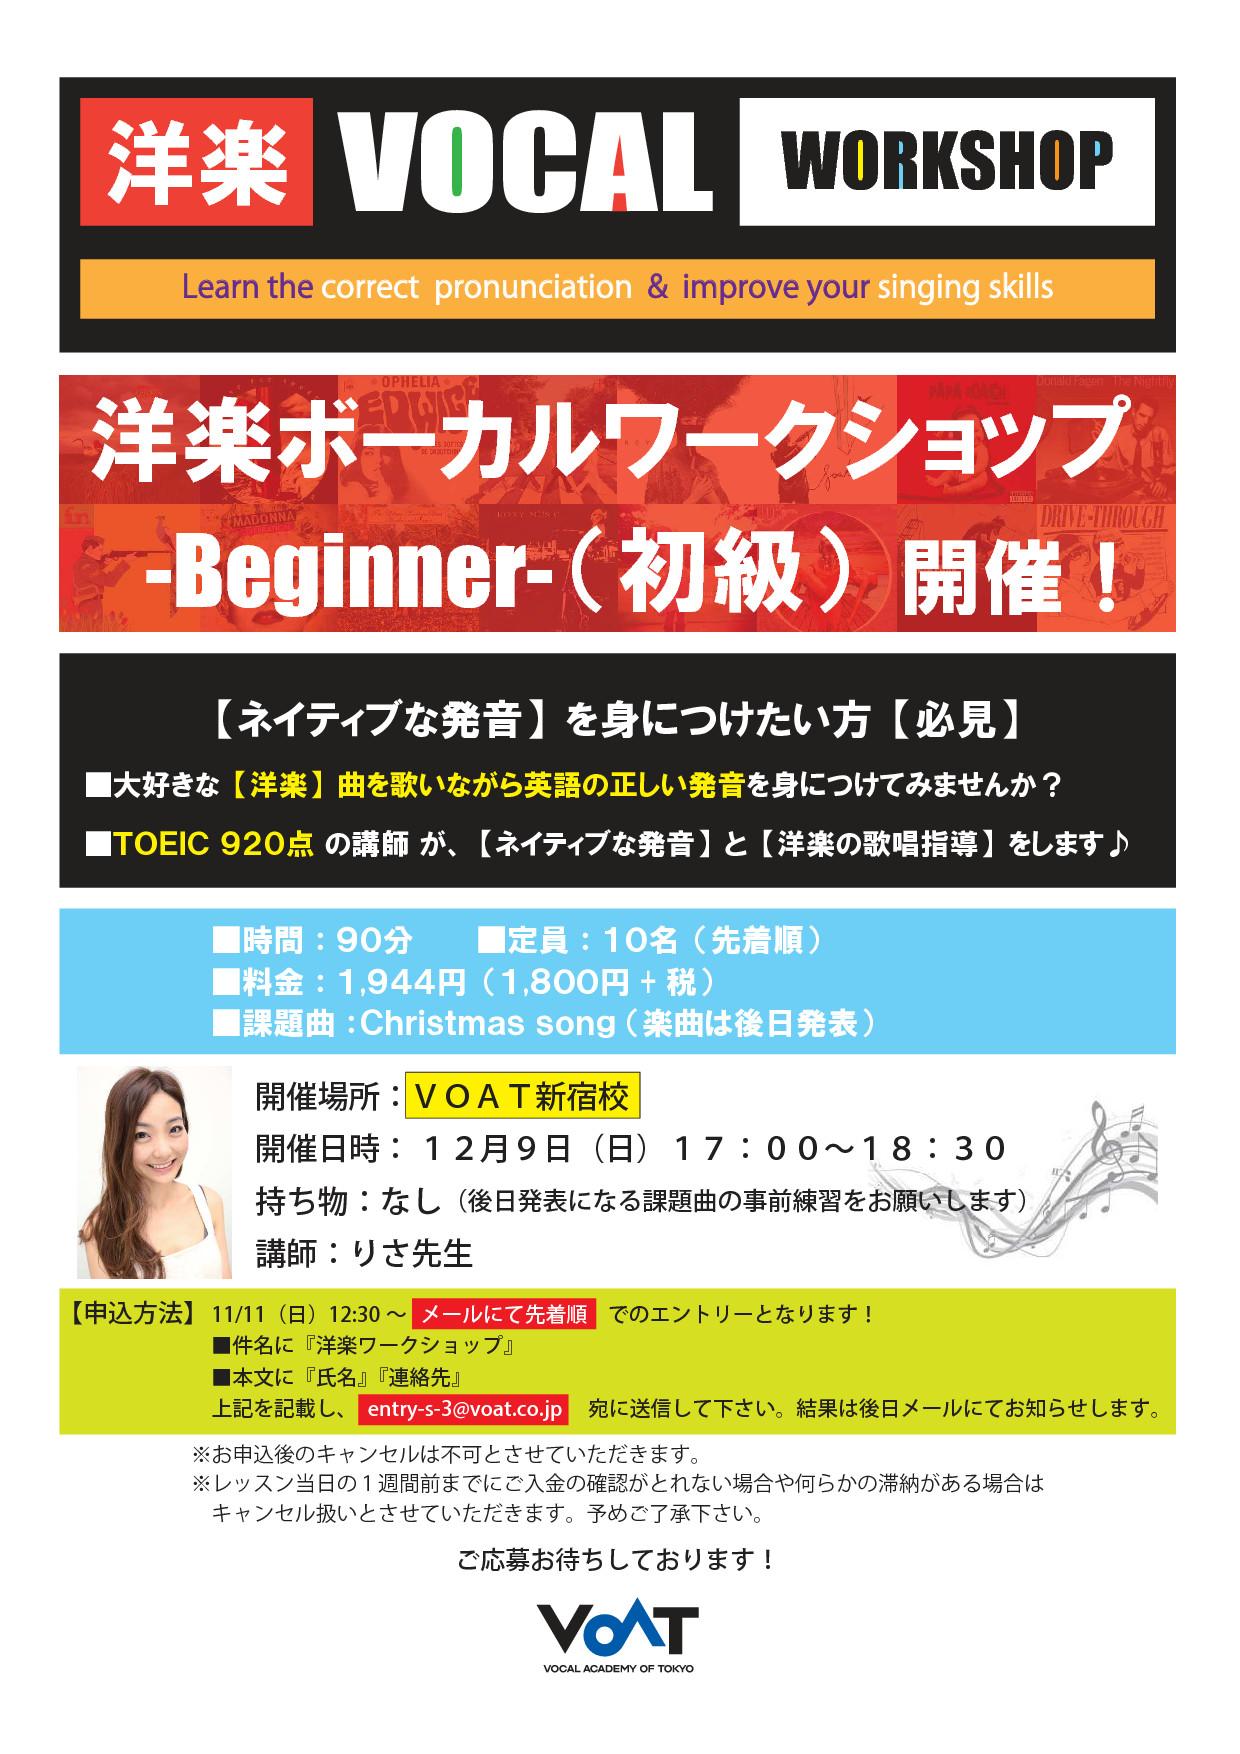 洋楽ワークショップ開催!(会場:新宿校)